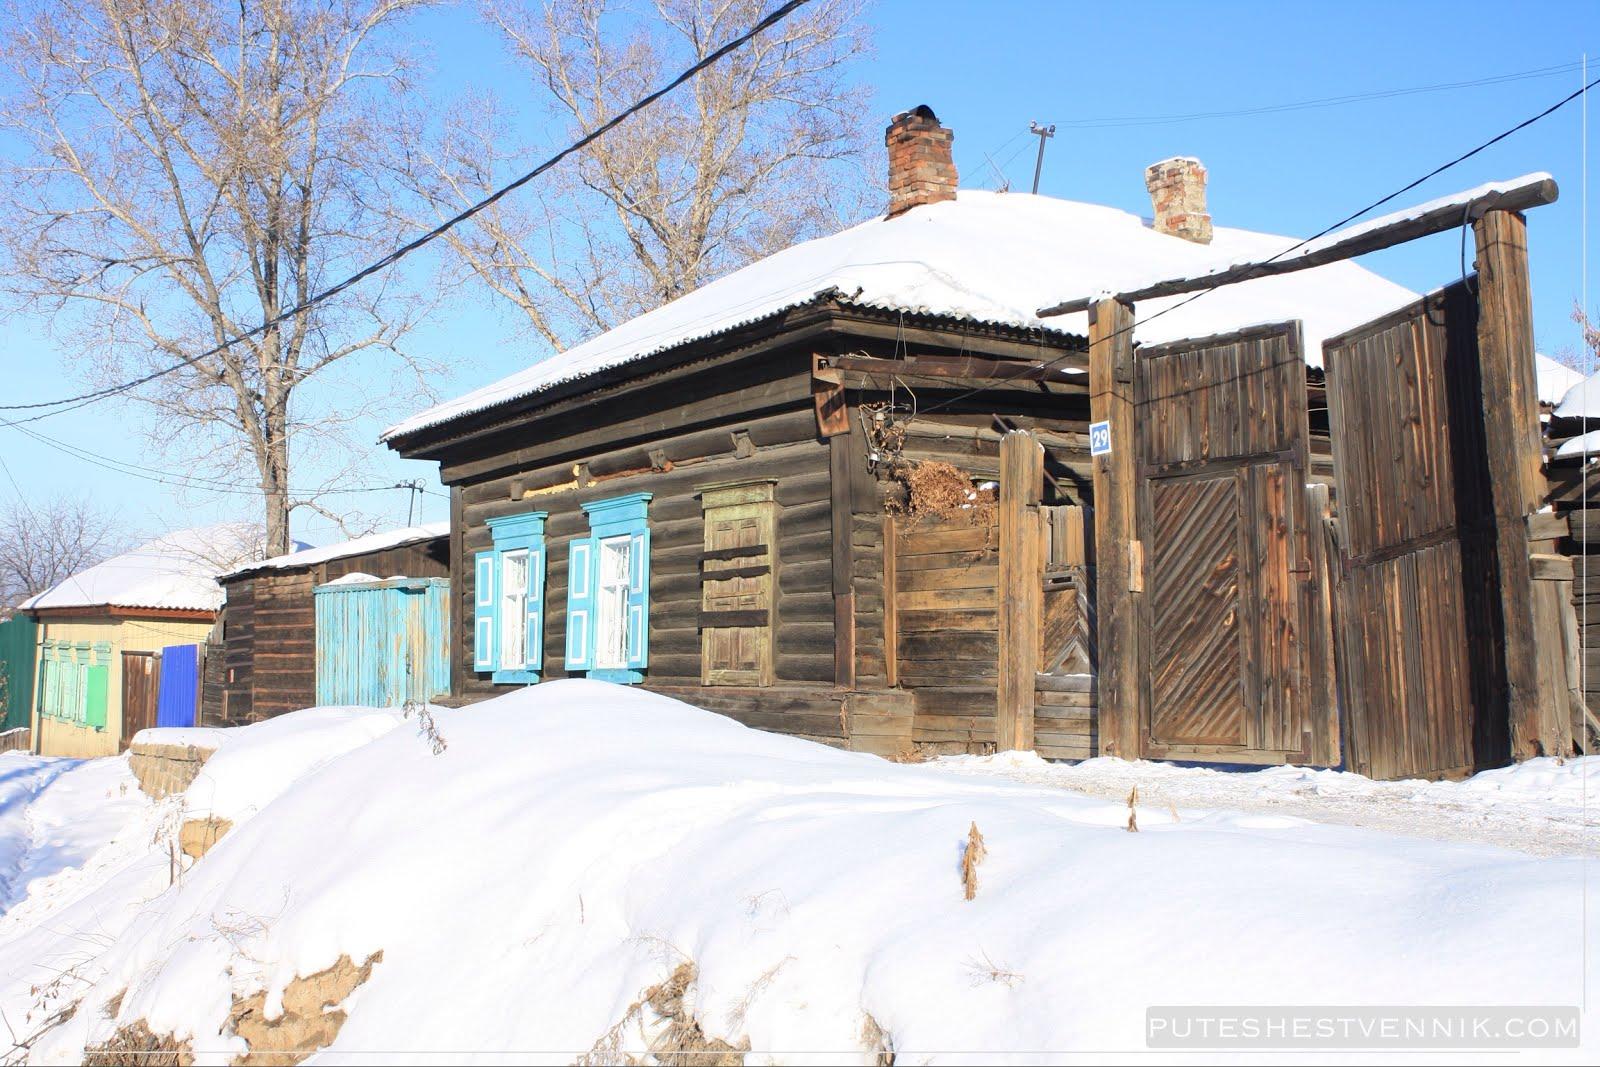 Старинный дом в Иркутске зимой